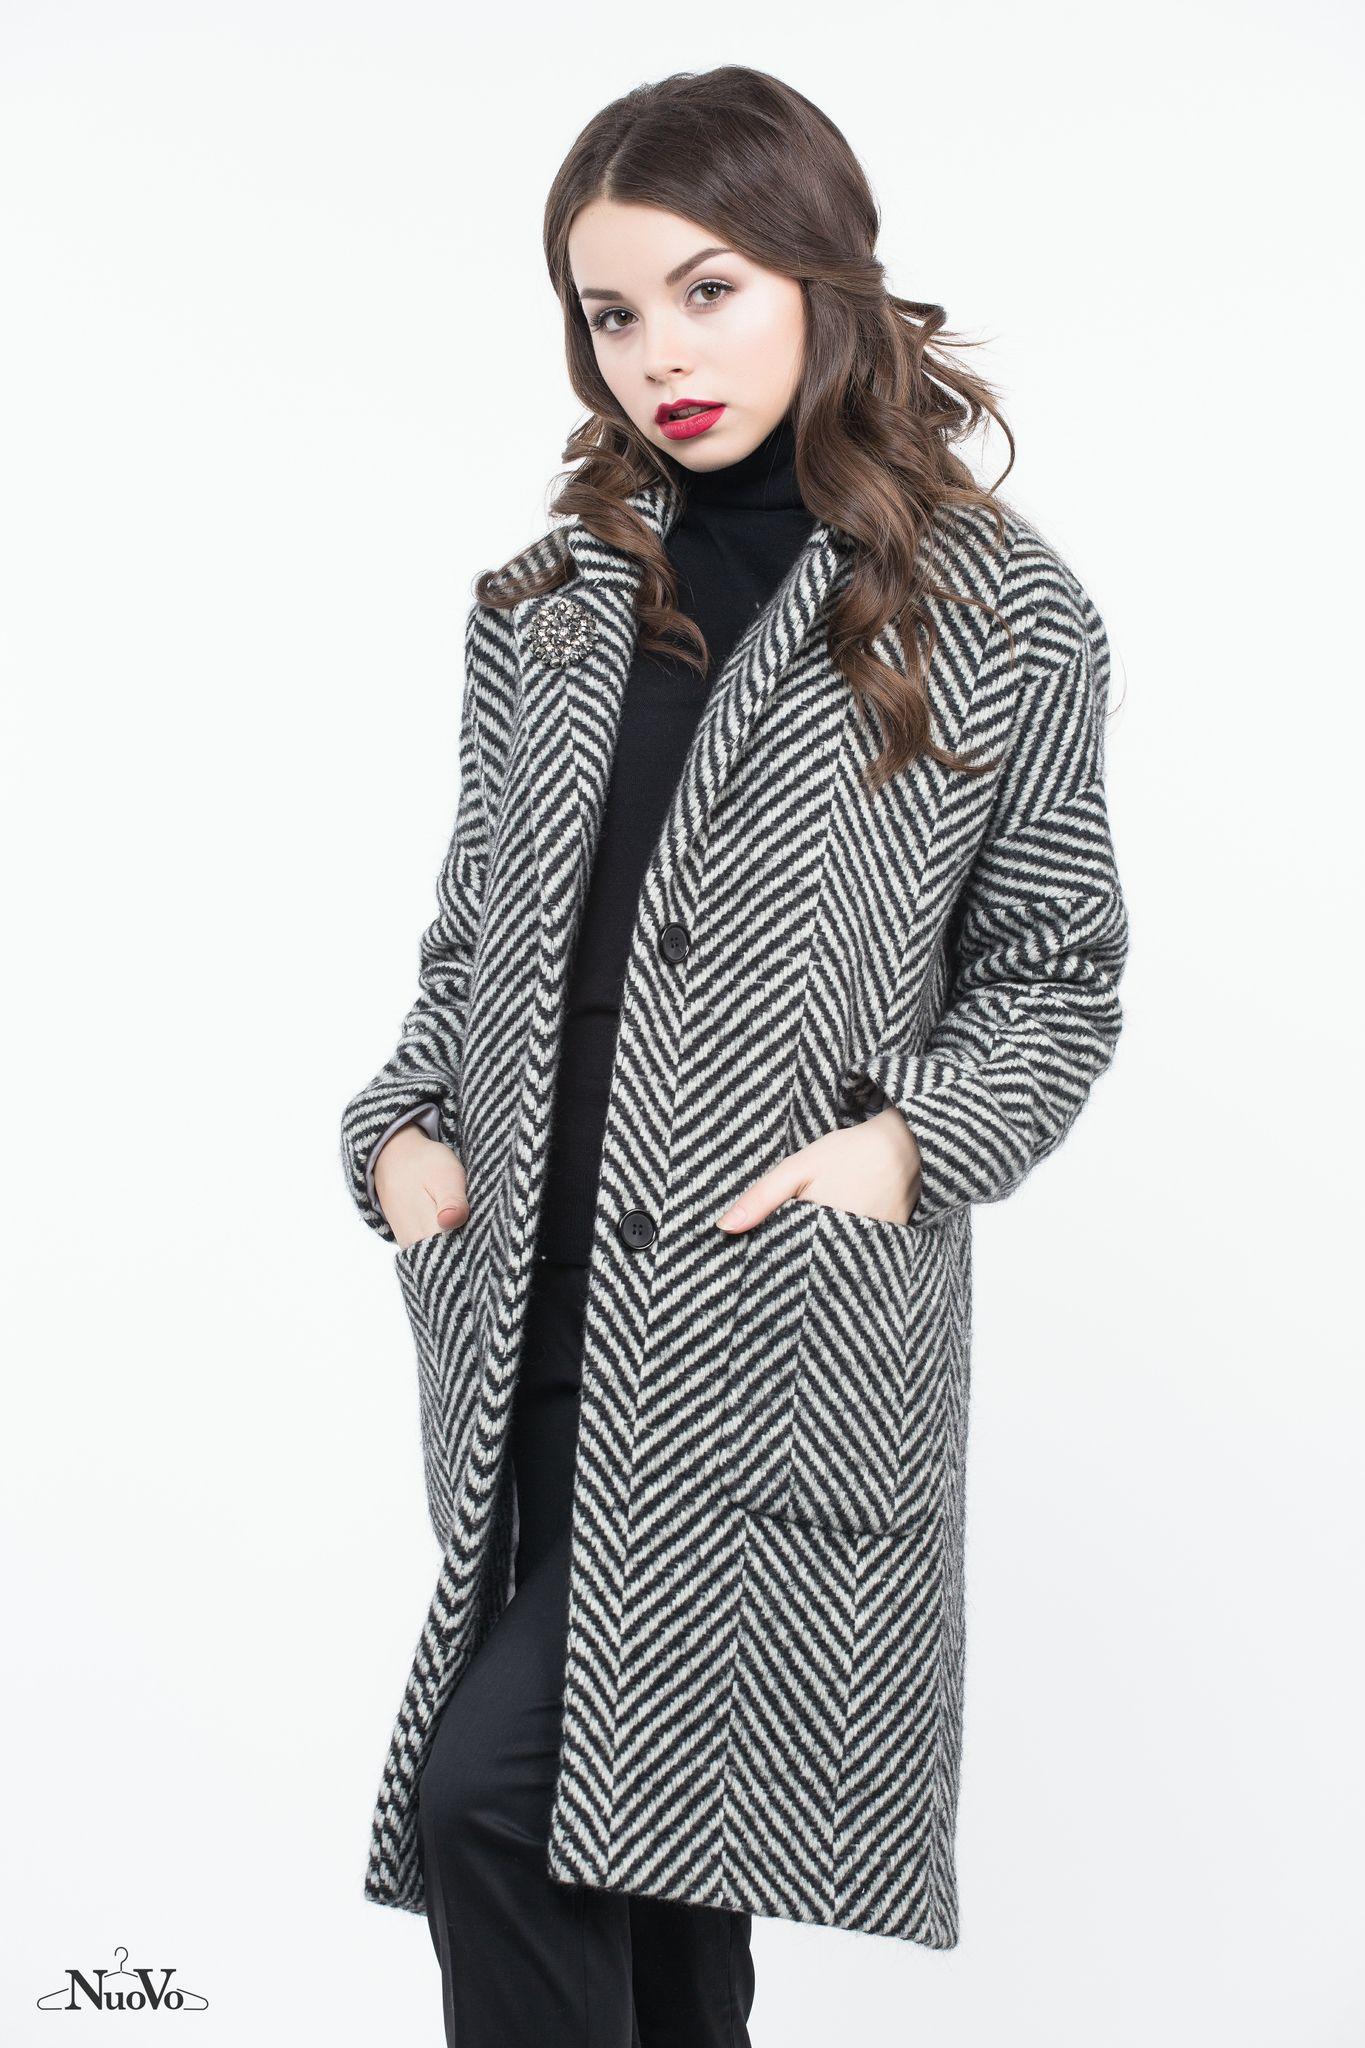 61c7a7785da31 пальто черно-белое елочка зимнее NuoVo купить в магазине украинских  дизайнеров Shopping Mall